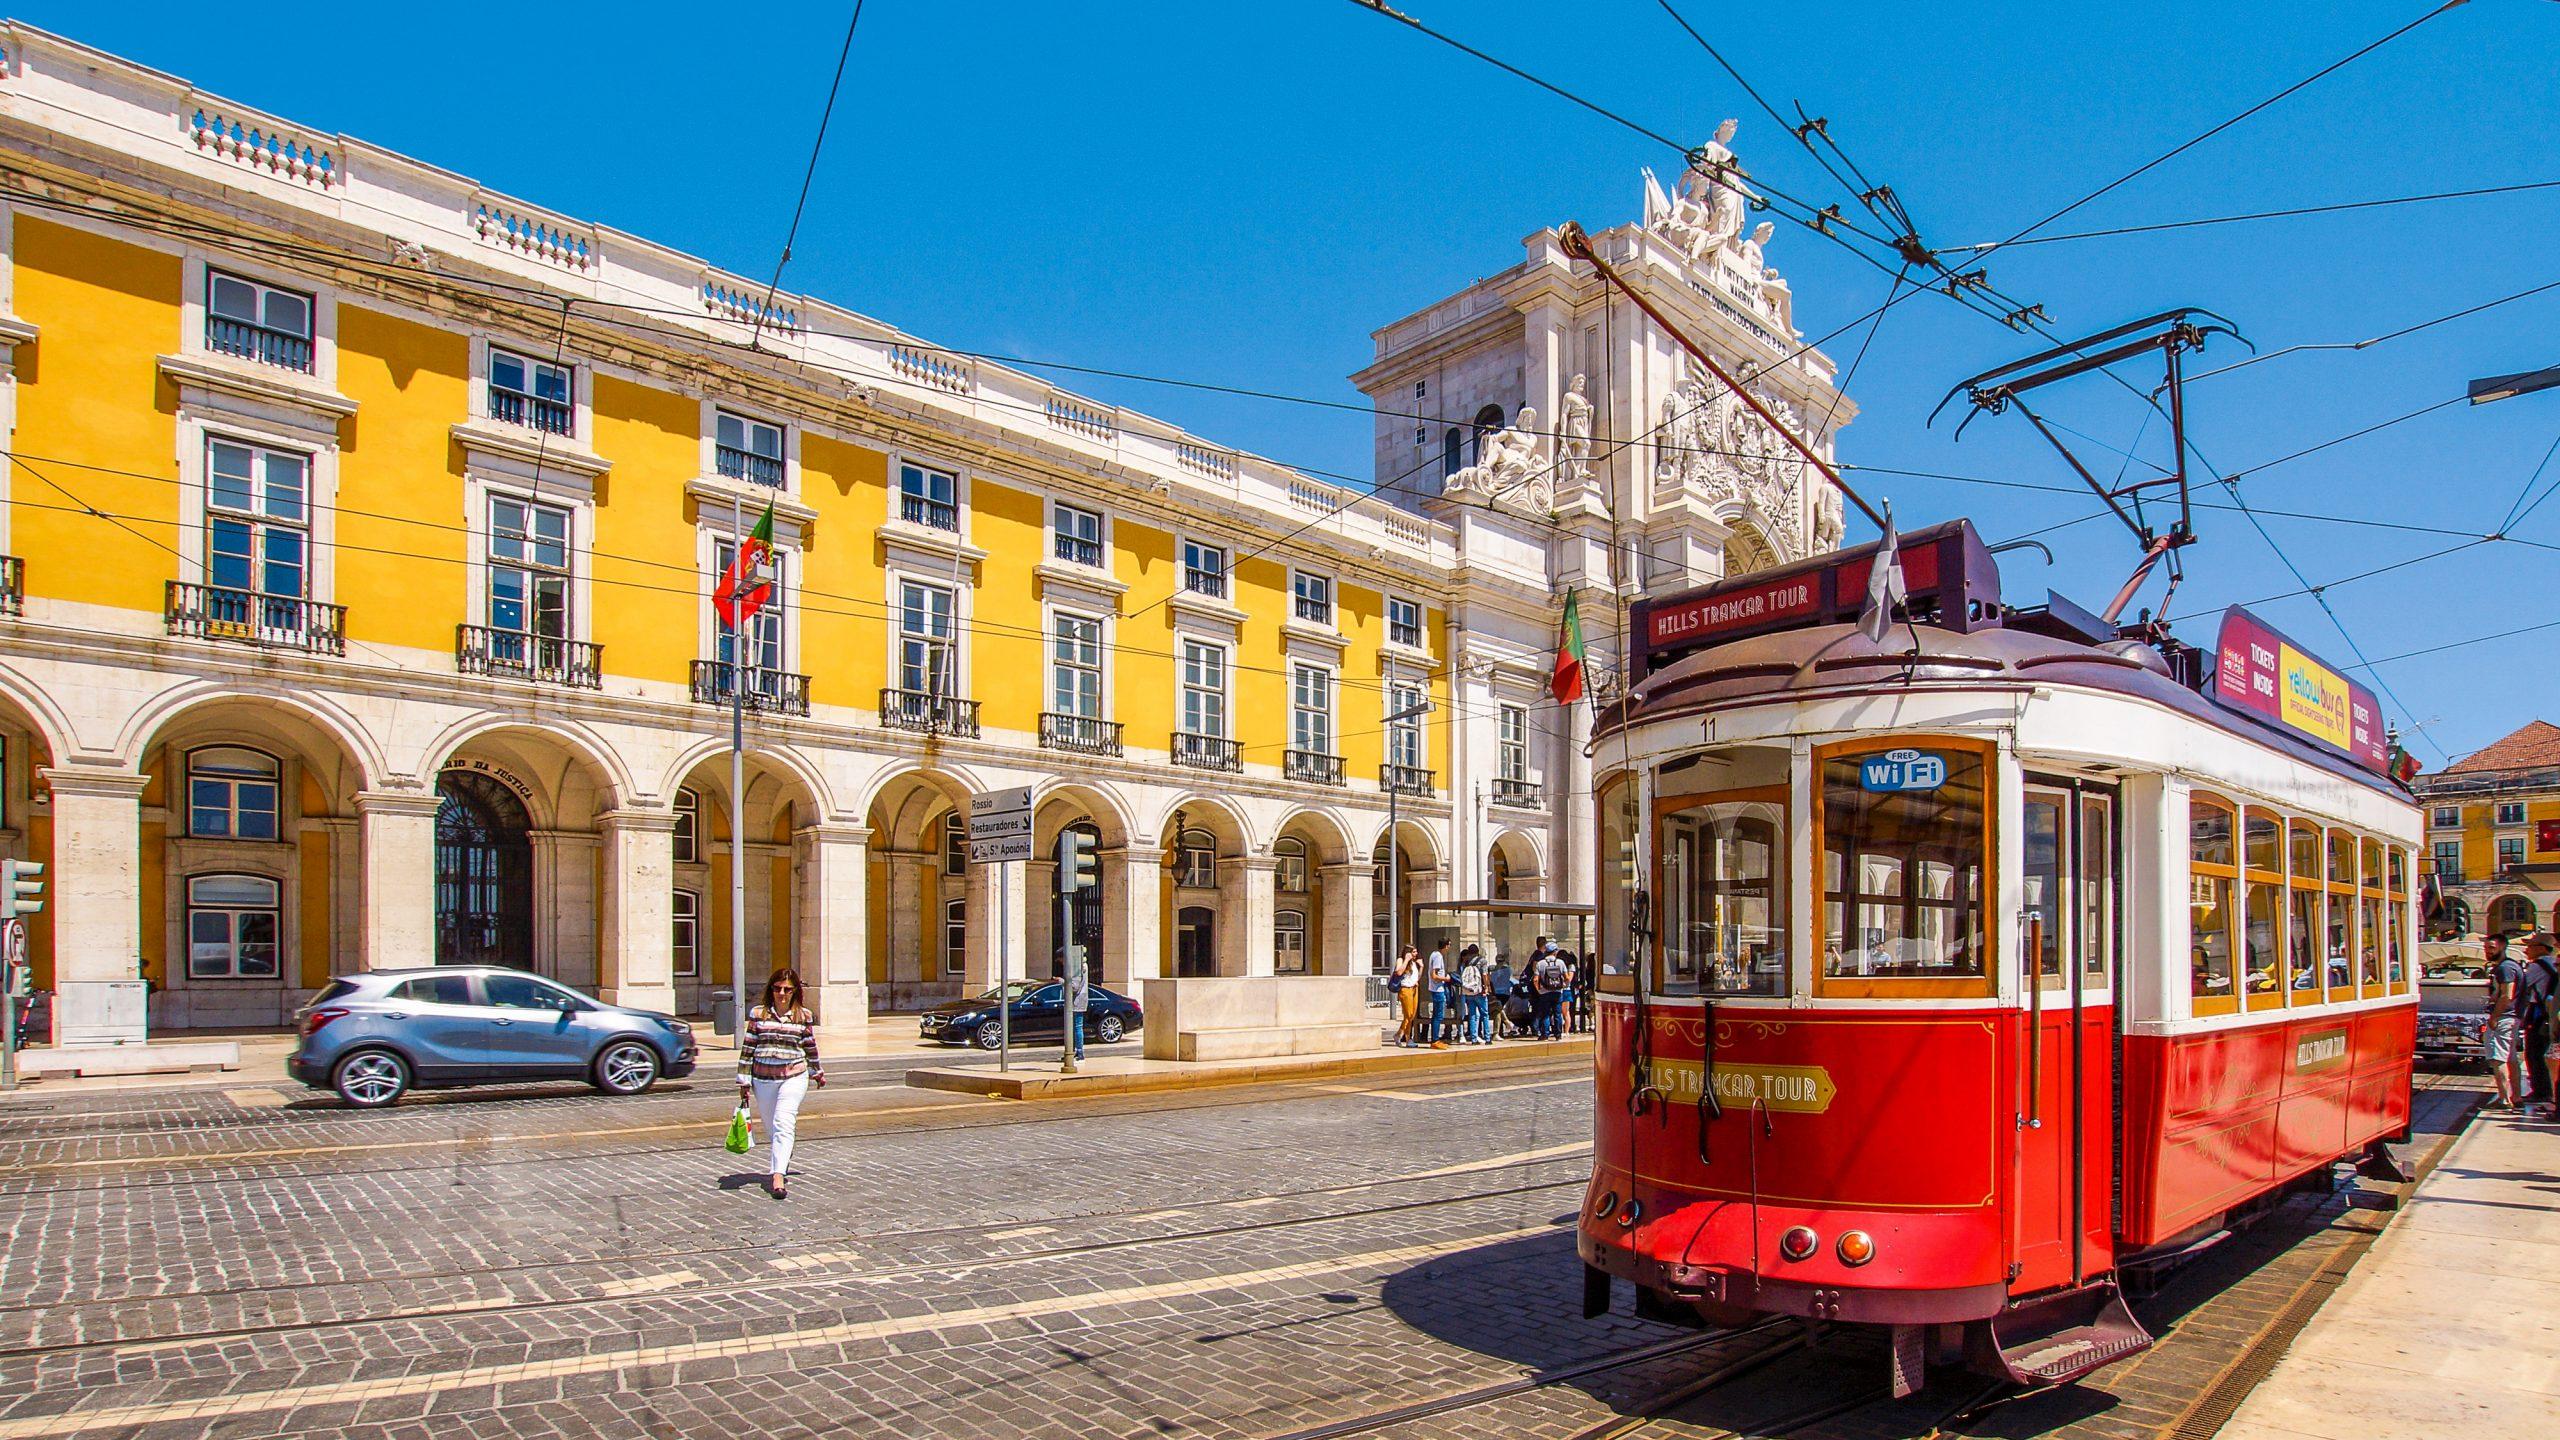 tramvay scaled - Lizbon: Öğrenci Kafasıyla, Avrupa'nın En Doğusundan En Batısına